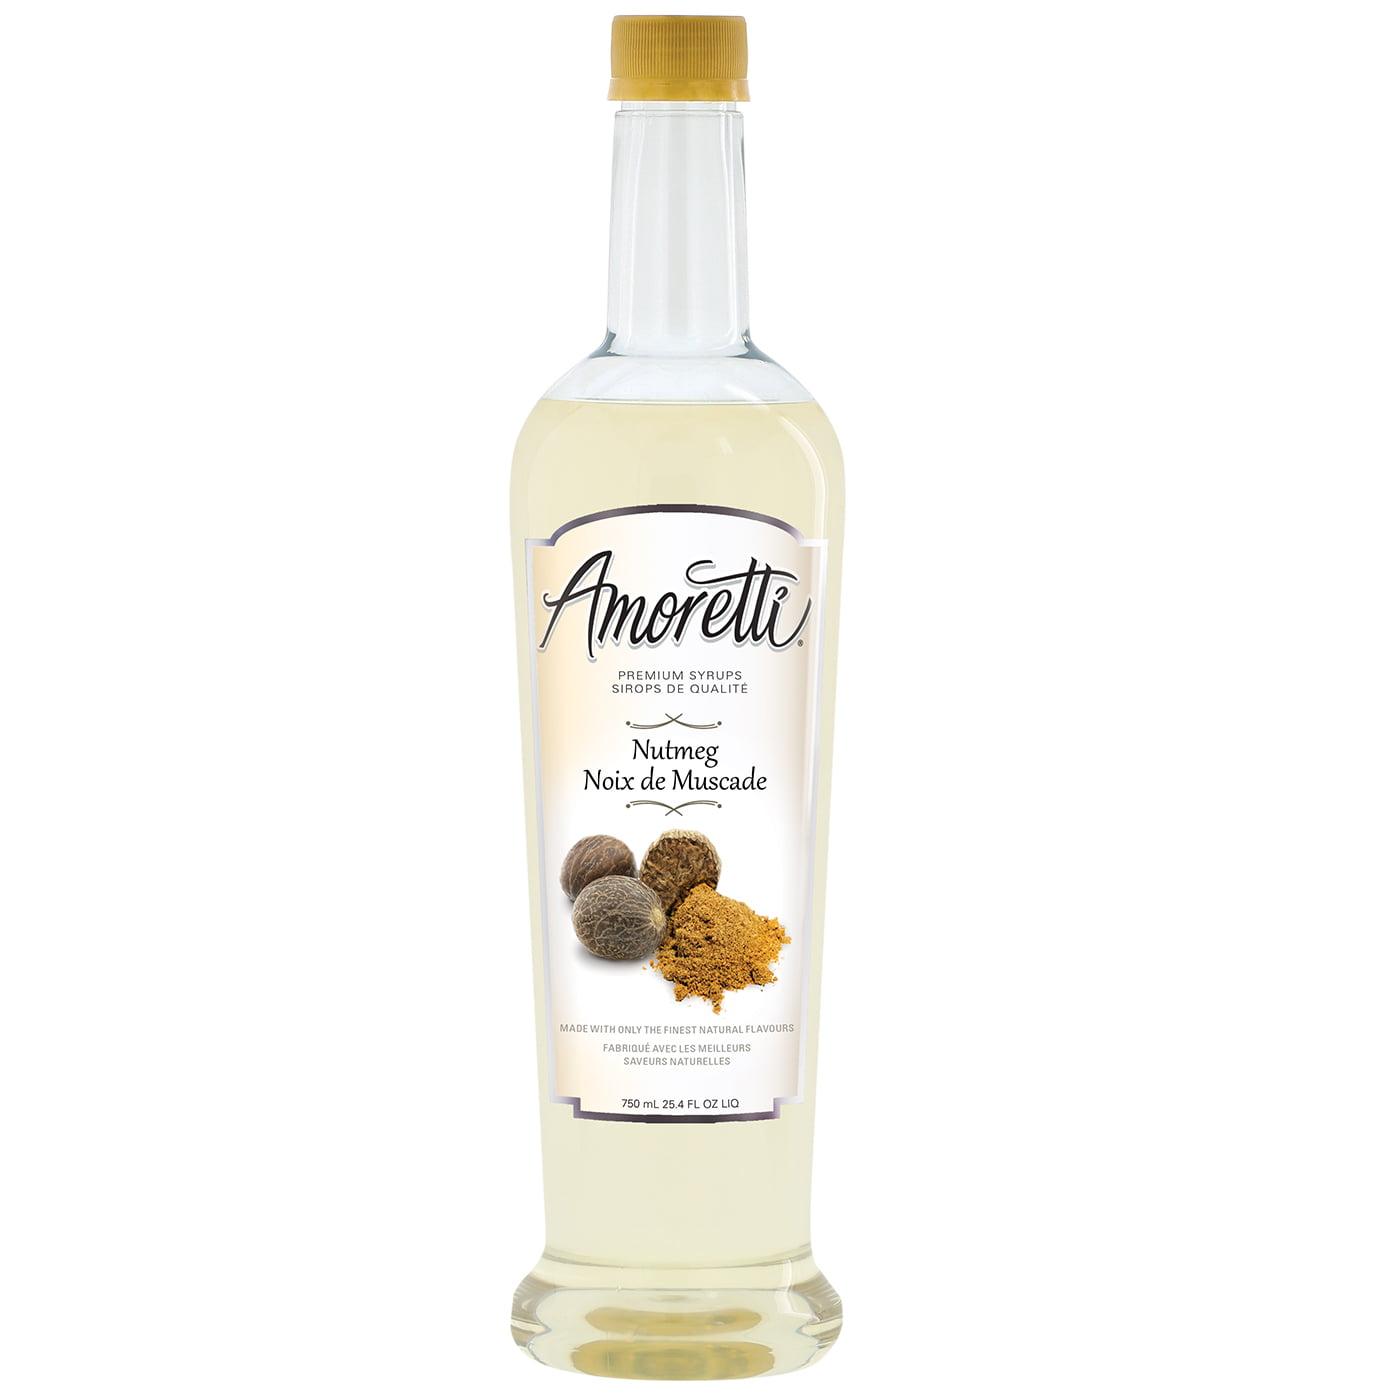 Amoretti Premium Nutmeg Syrup (750mL) by Amoretti